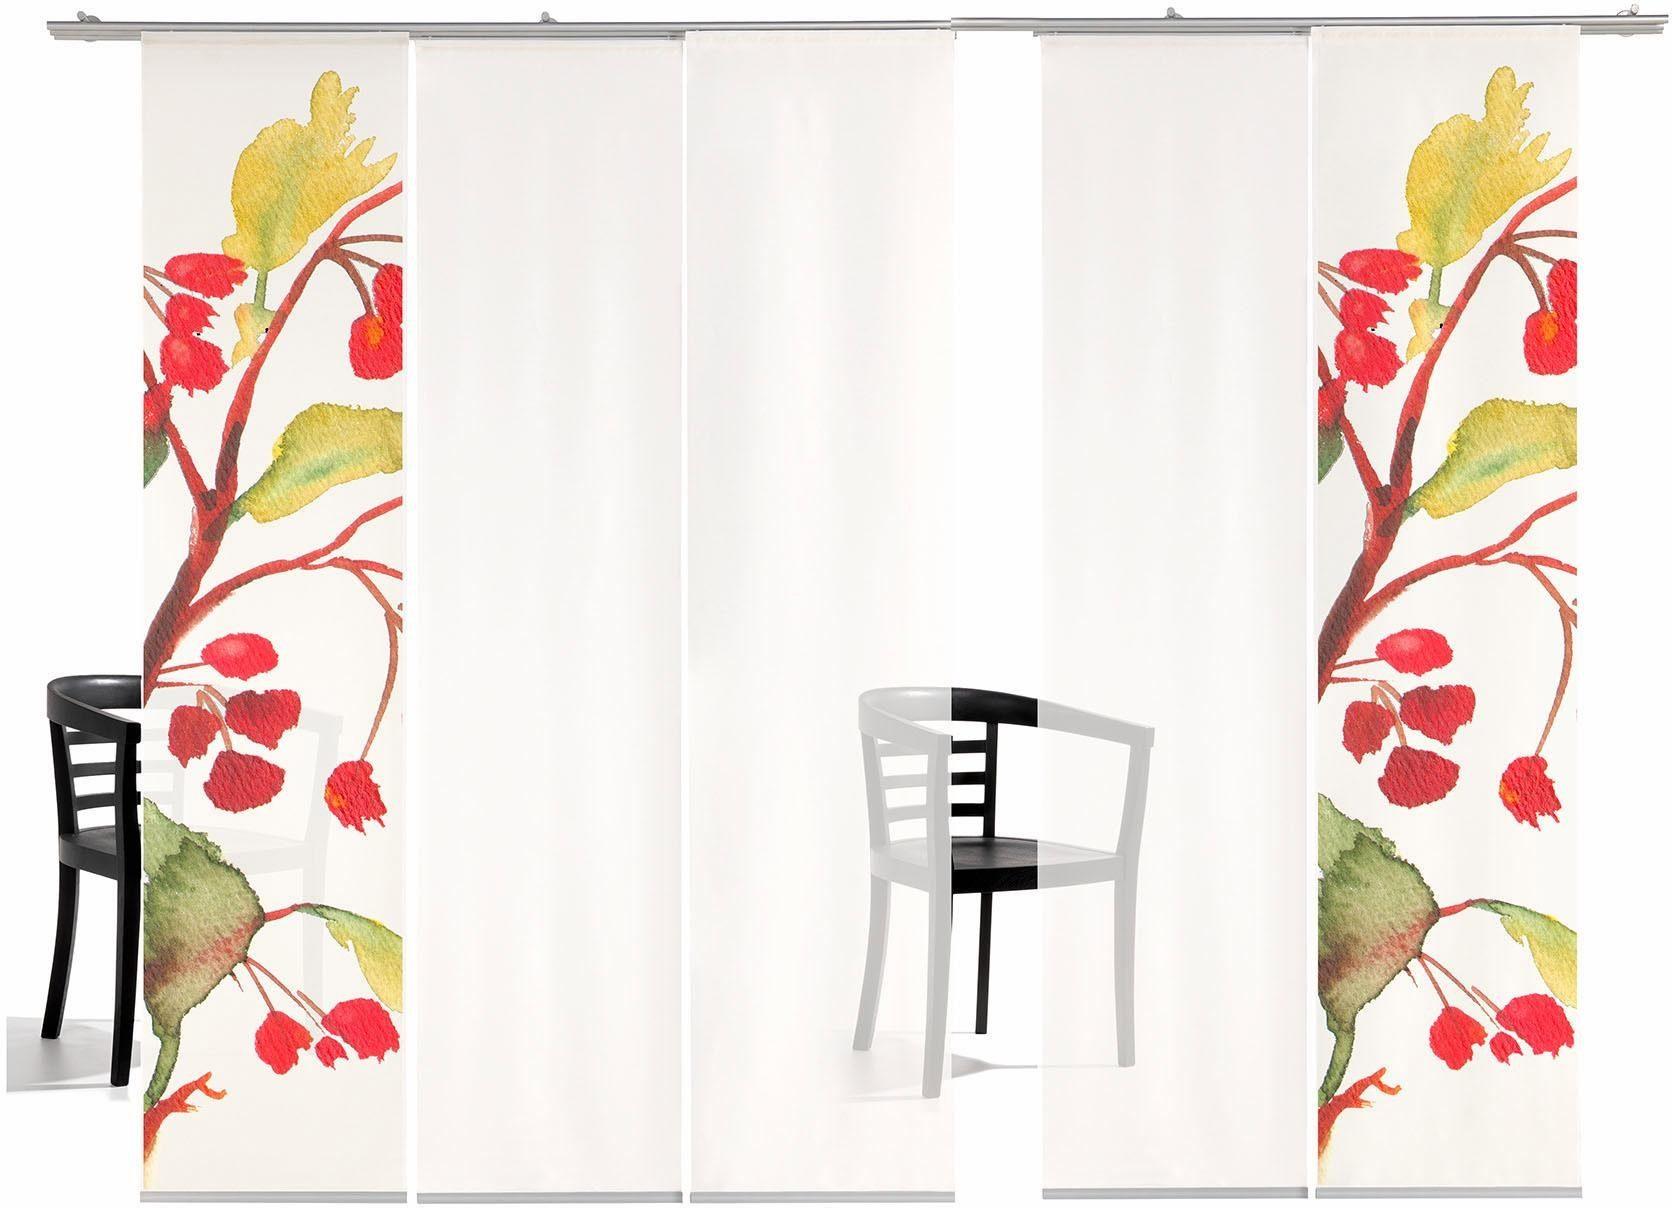 Schiebegardine »Kirschblüten TR«, emotion textiles, Klettband (5 Stück), inkl. Befestigungszubehör